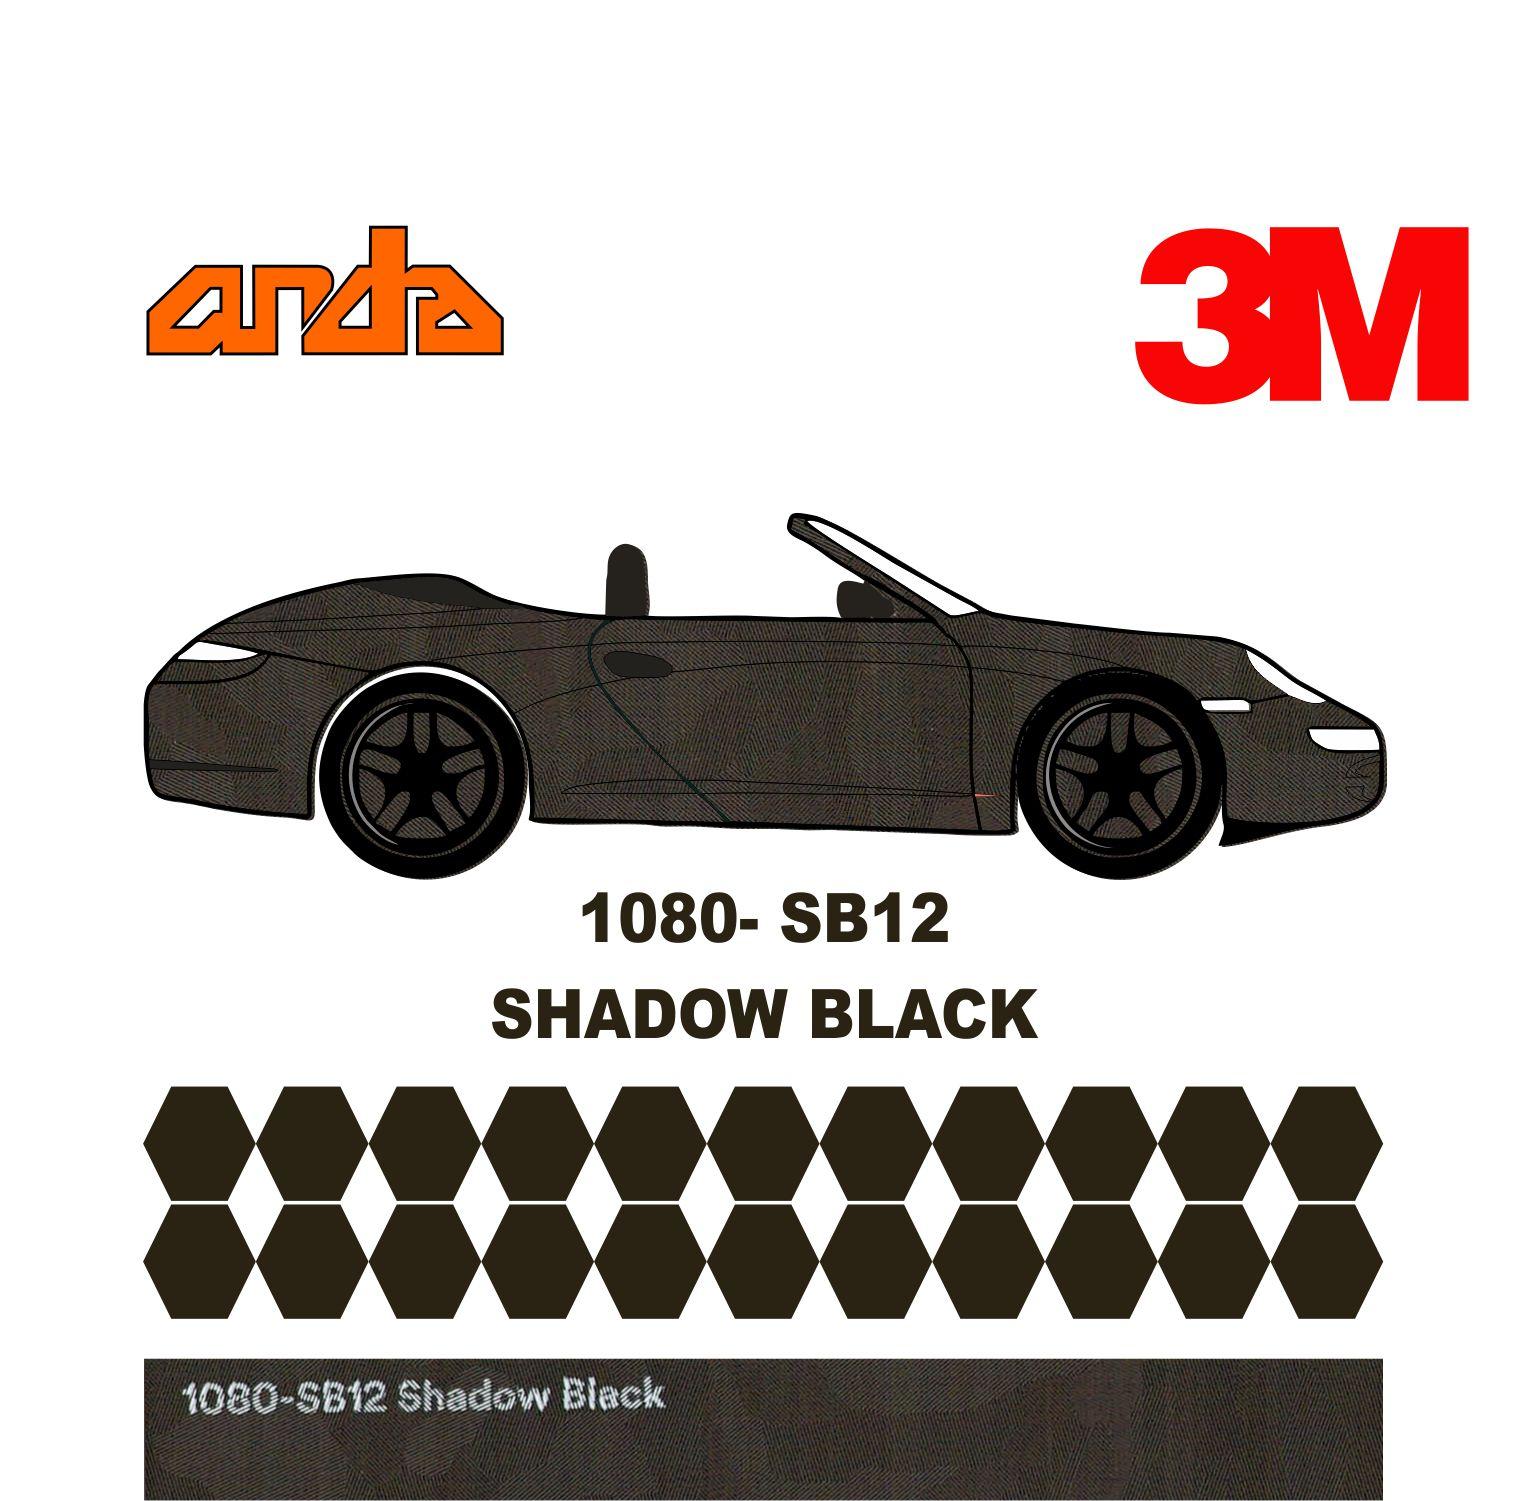 3M 1080-SB12 Shadow Black 1